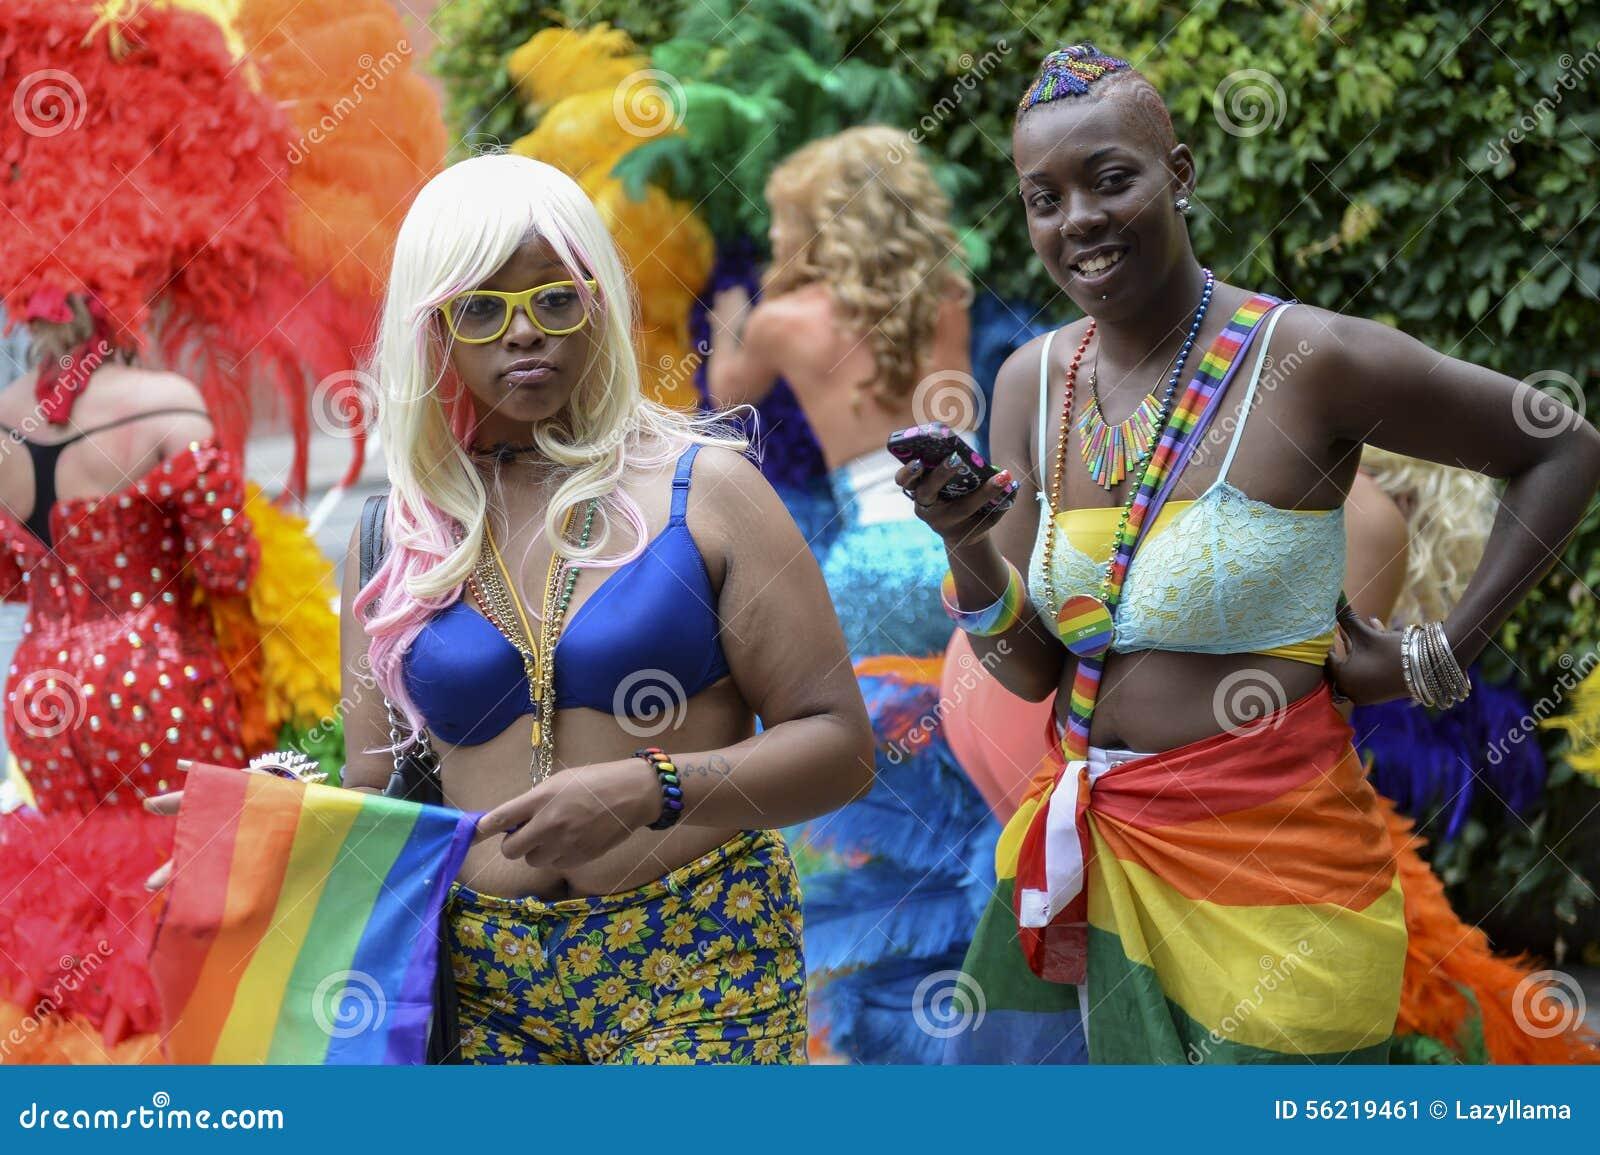 naked blonde gay guys